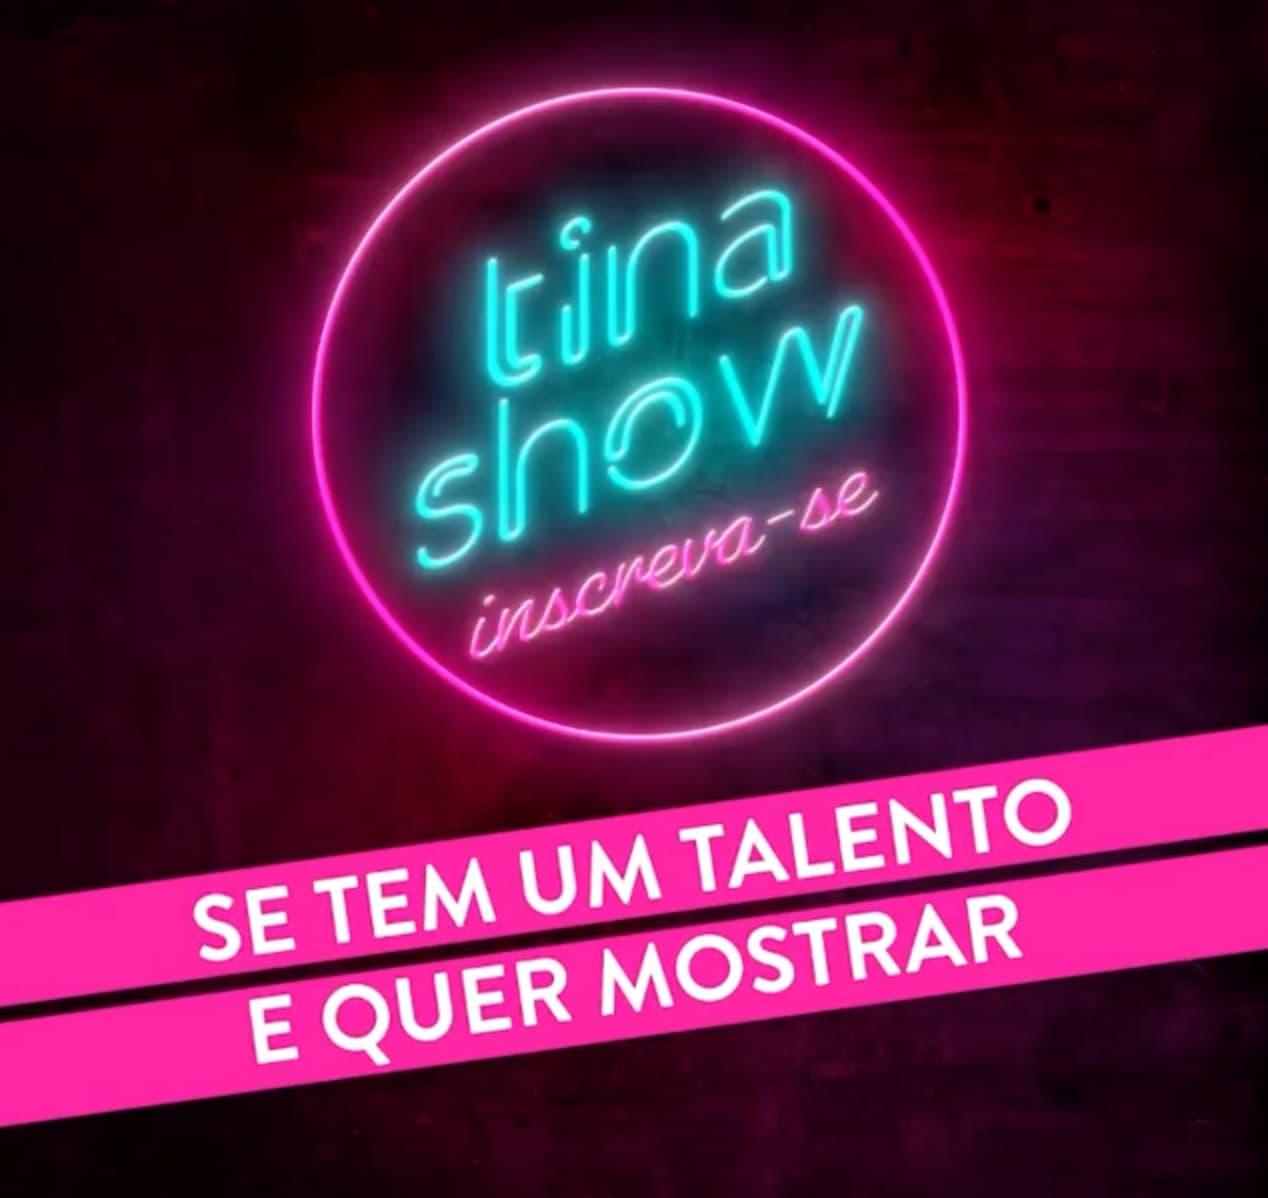 cristina ferreira tina show Tina Show. Cristina Ferreira lança concurso de talentos